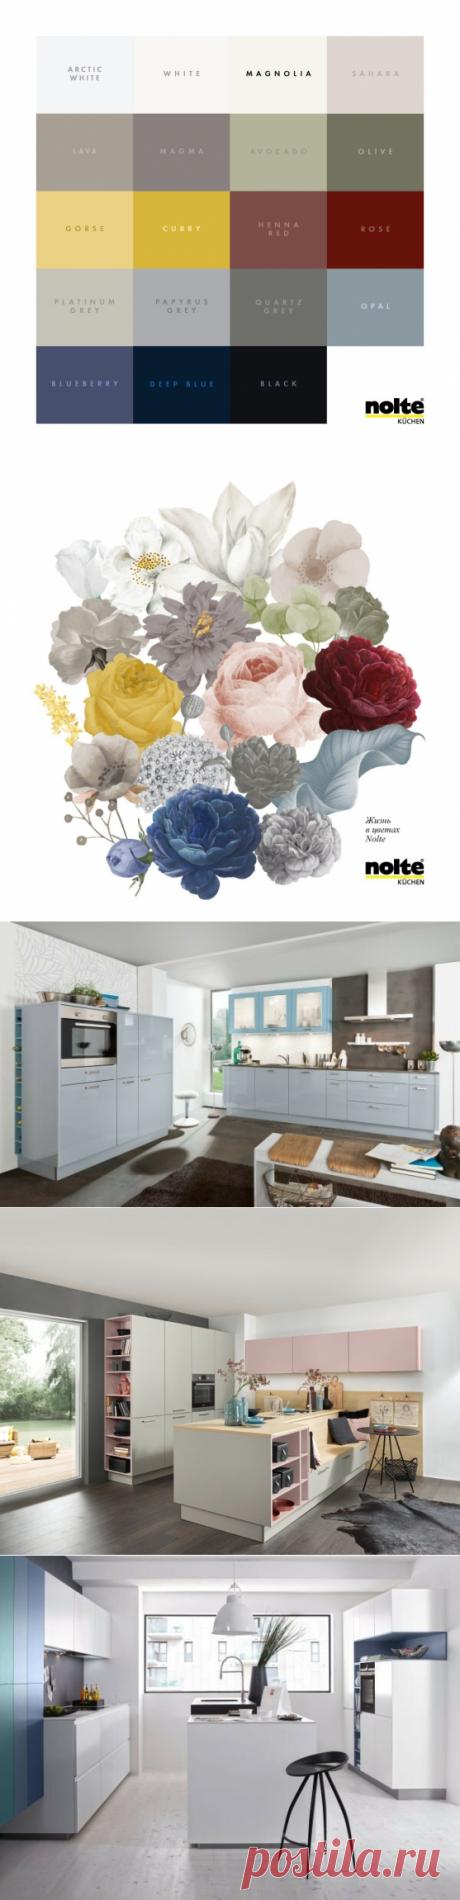 Цветные фасады на кухне: какой оттенок считается фаворитом в Германии 🇩🇪. Цветные кухонные фасады – ваша уникальная возможность создать настроение. | Nolte Küchen | Яндекс Дзен